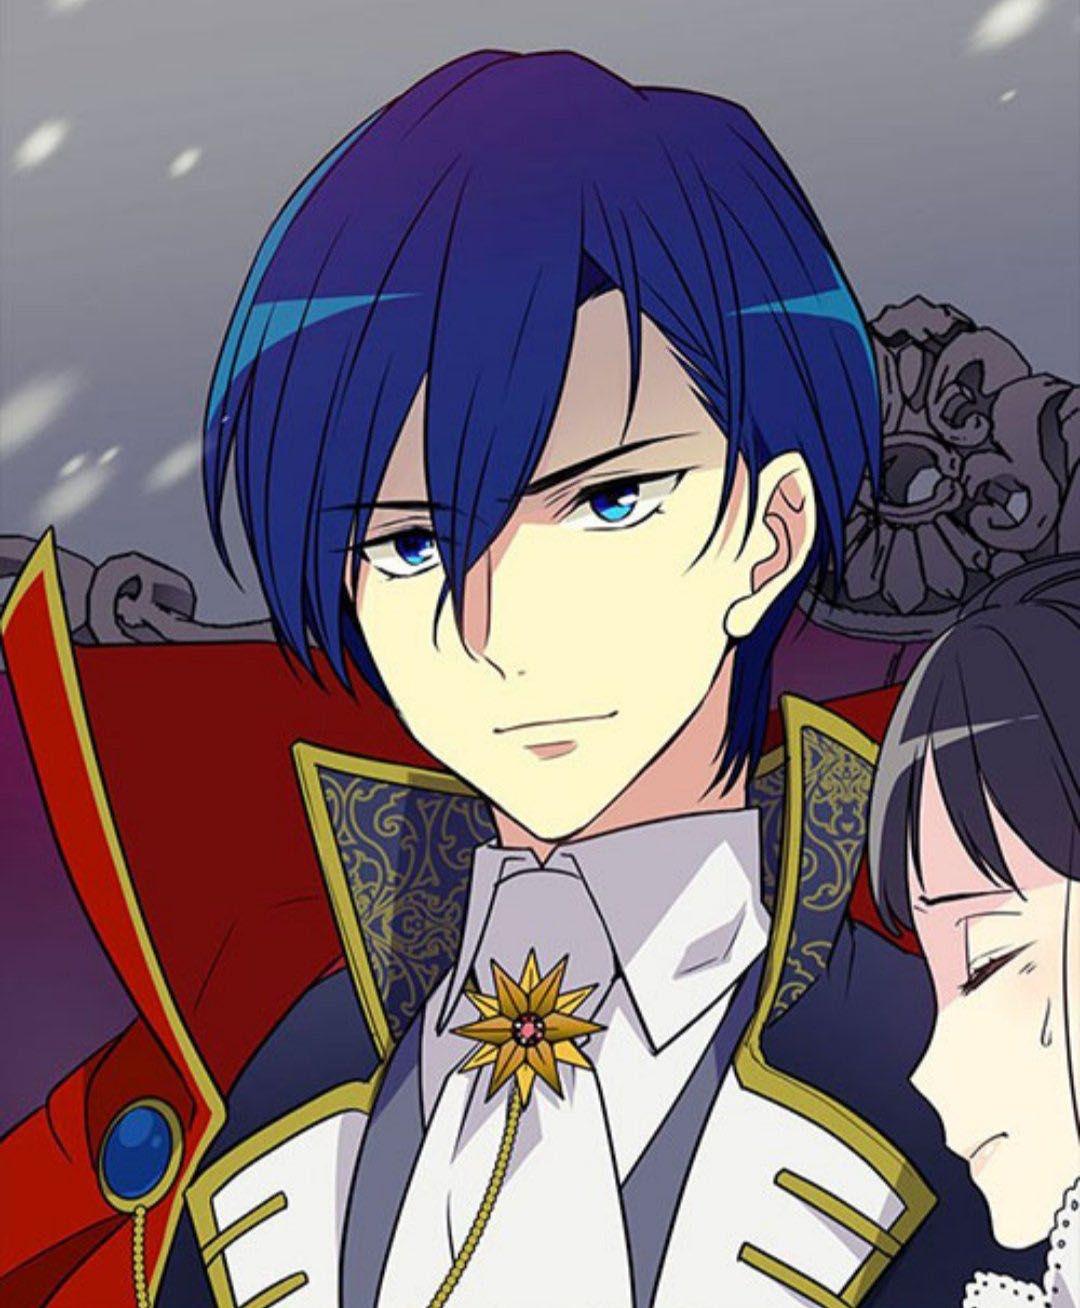 The Abandoned Empress: A Princess' Revenge